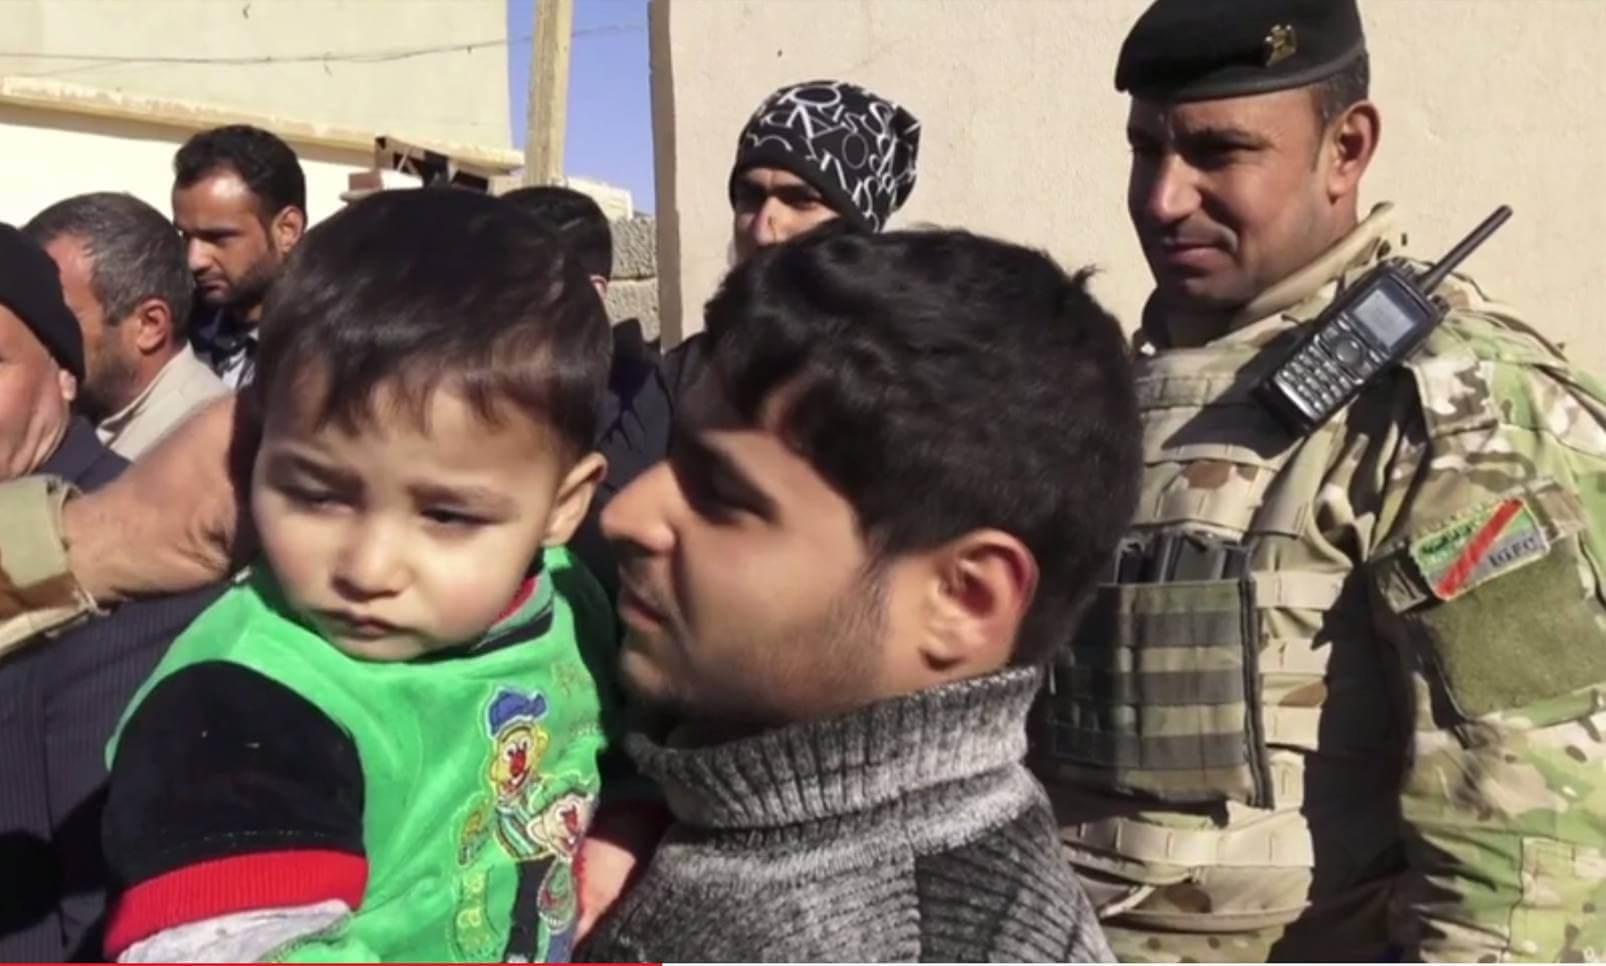 Unique Mosul footage